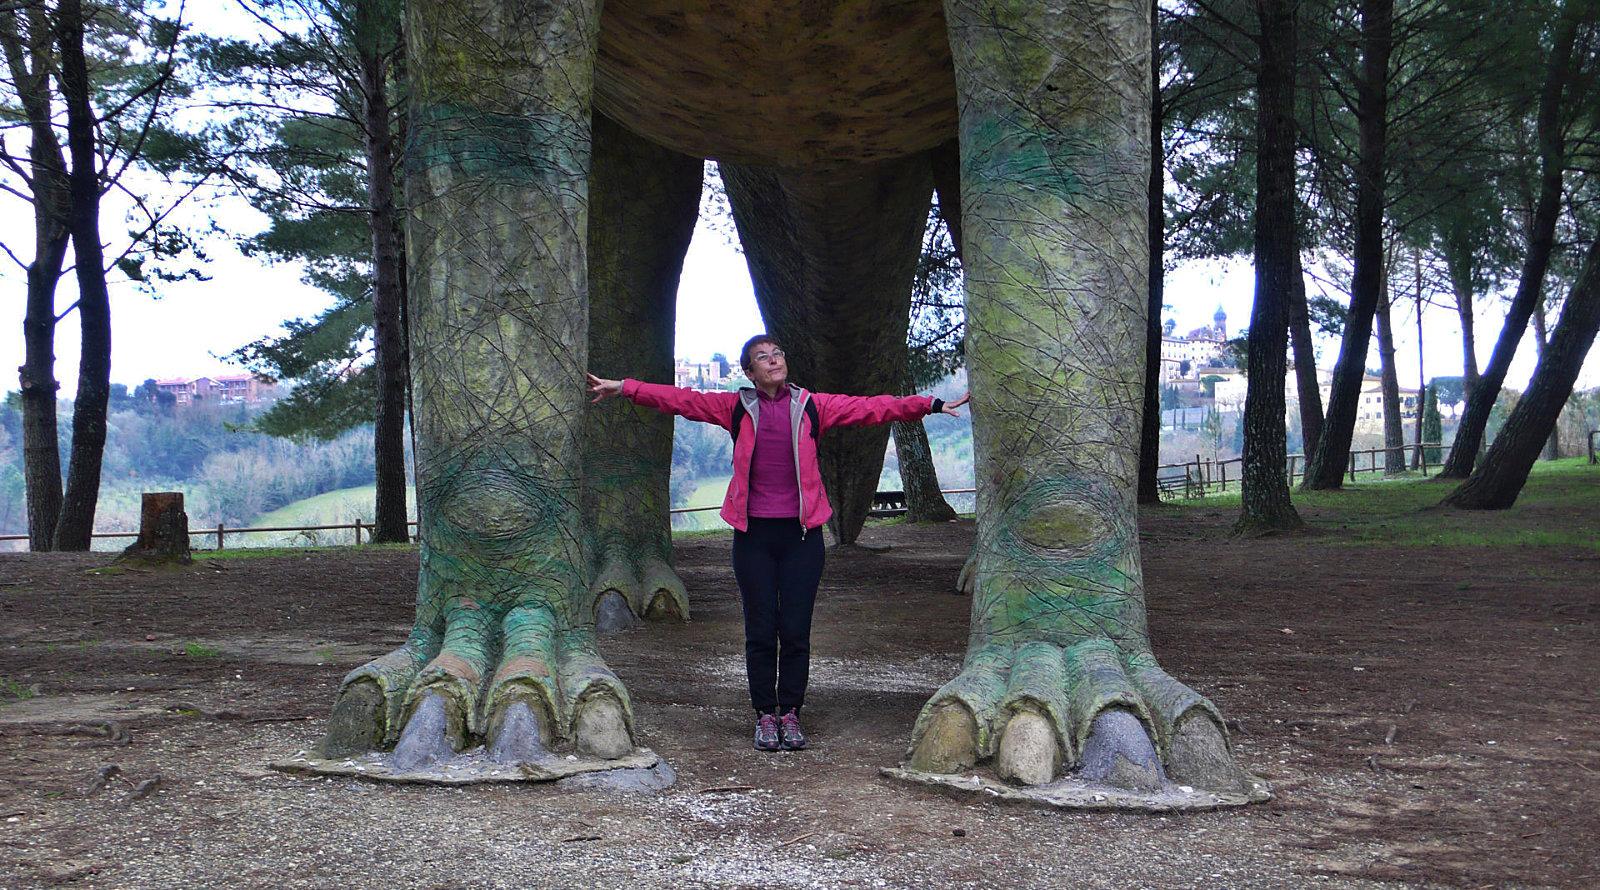 Amelie tra le zampe di un dinosauro a Peccioli, in Toscana